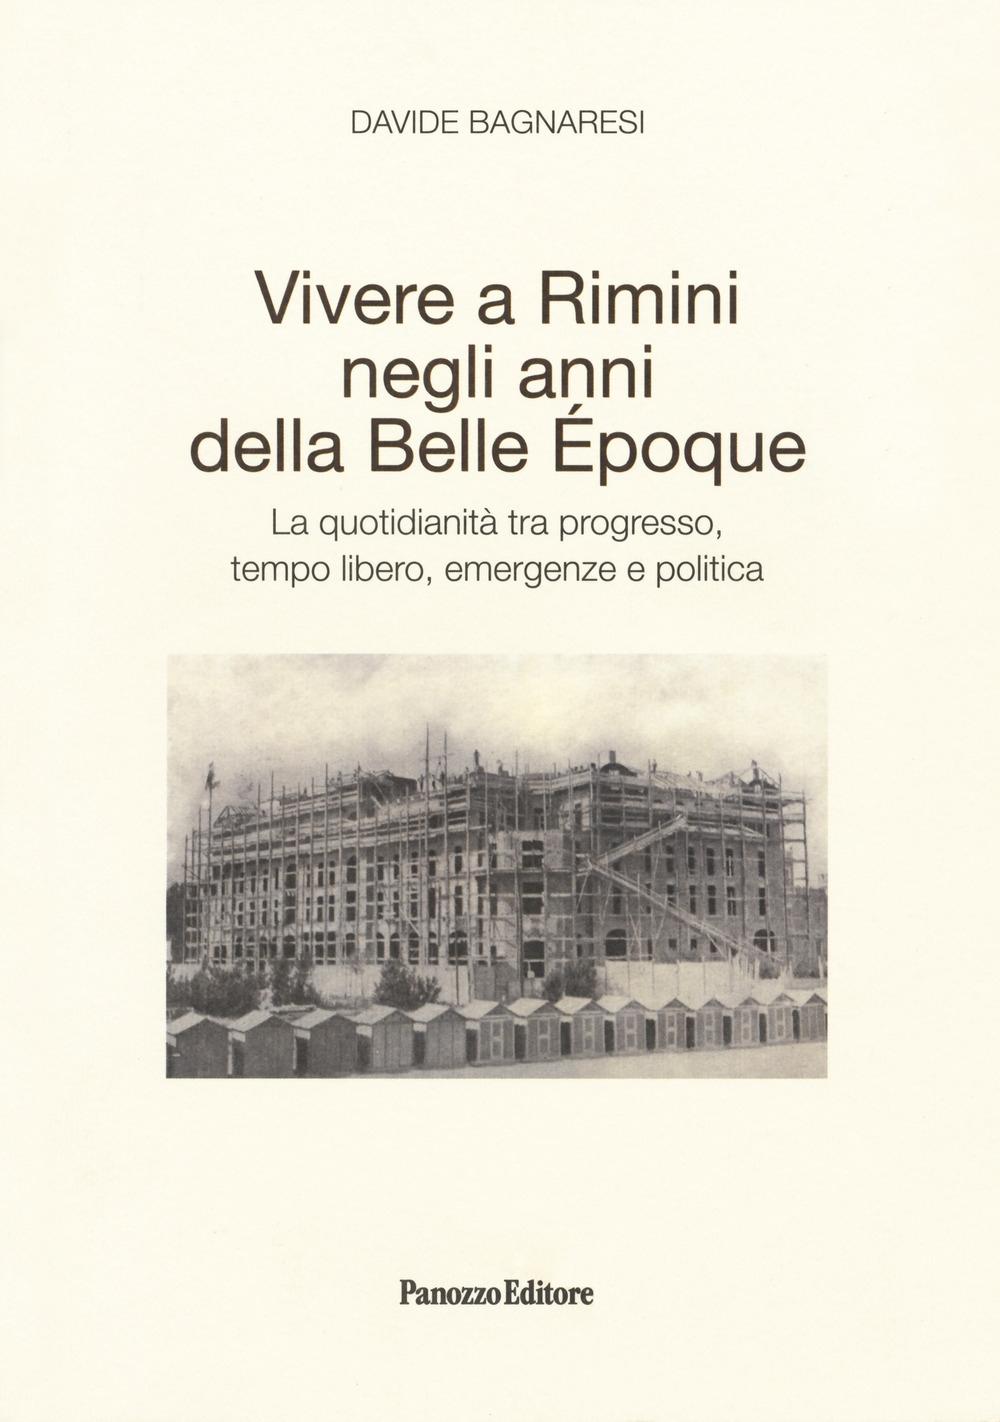 Vivere a Rimini negli anni della Belle Époque. La quotidianità tra progresso, tempo libero, emergenze e politica